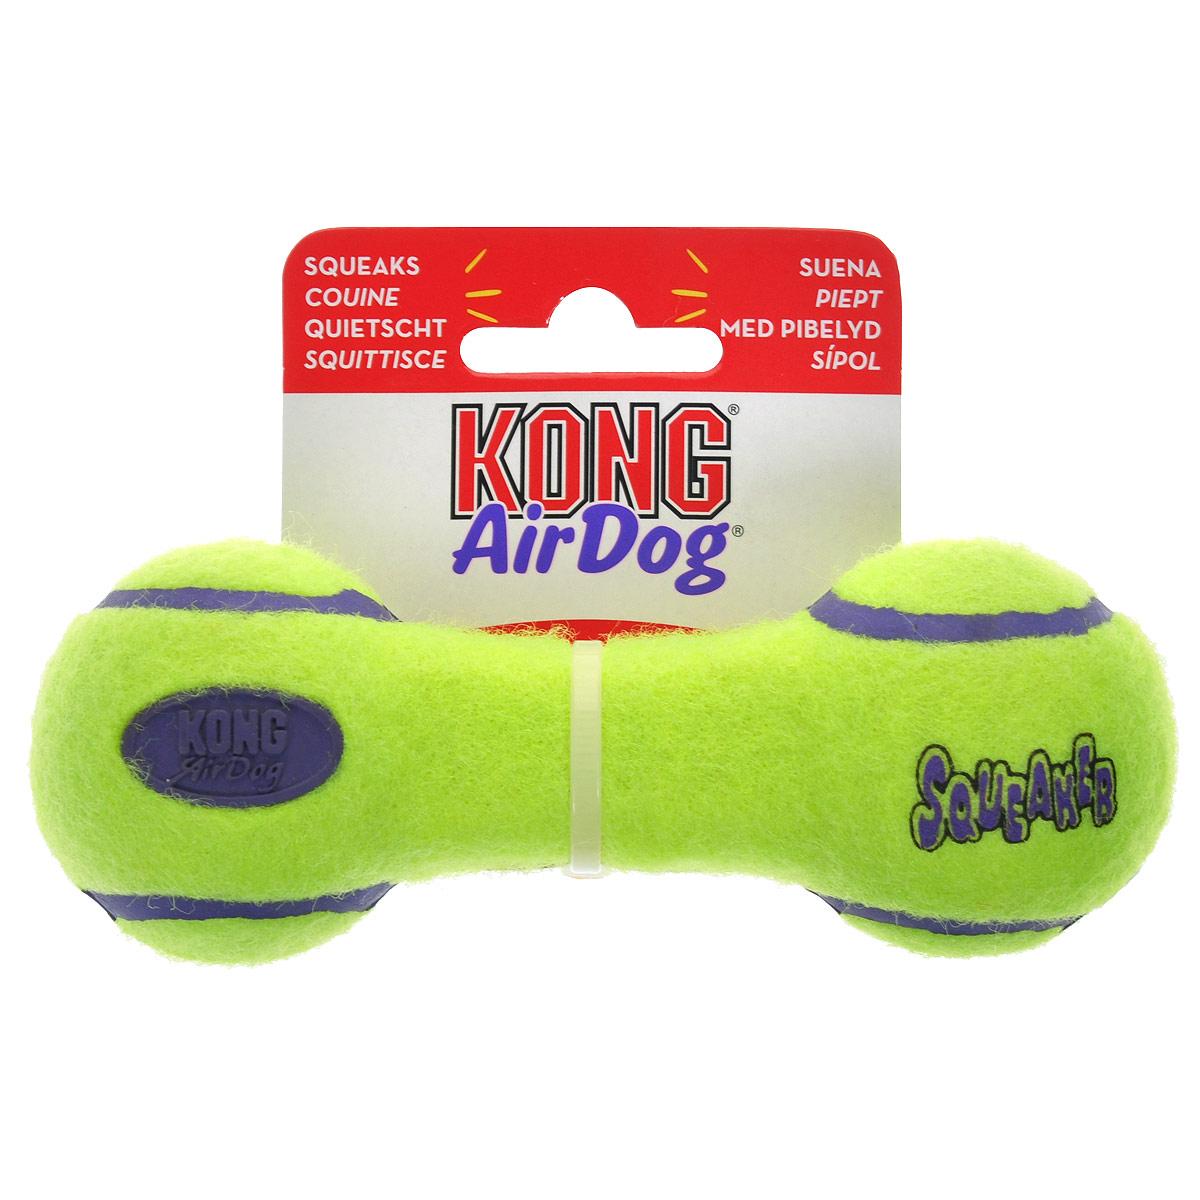 Игрушка для собак Kong Air Гантель. ASDB3ASDB3Игрушка для собак Kong Air Гантель предназначена для собак мелких пород (1-10 кг). Эта игрушка - на 100% настоящие теннисные мячи в различных забавных формах и размерах. Такой мячик имеет непредсказуемую траекторию при отскакивании от земли и может плавать на поверхности воды. Игрушка выполненная из материала, не вредящего зубам собаки в форме гантельки, при надавливании или захвате пастью пищит.